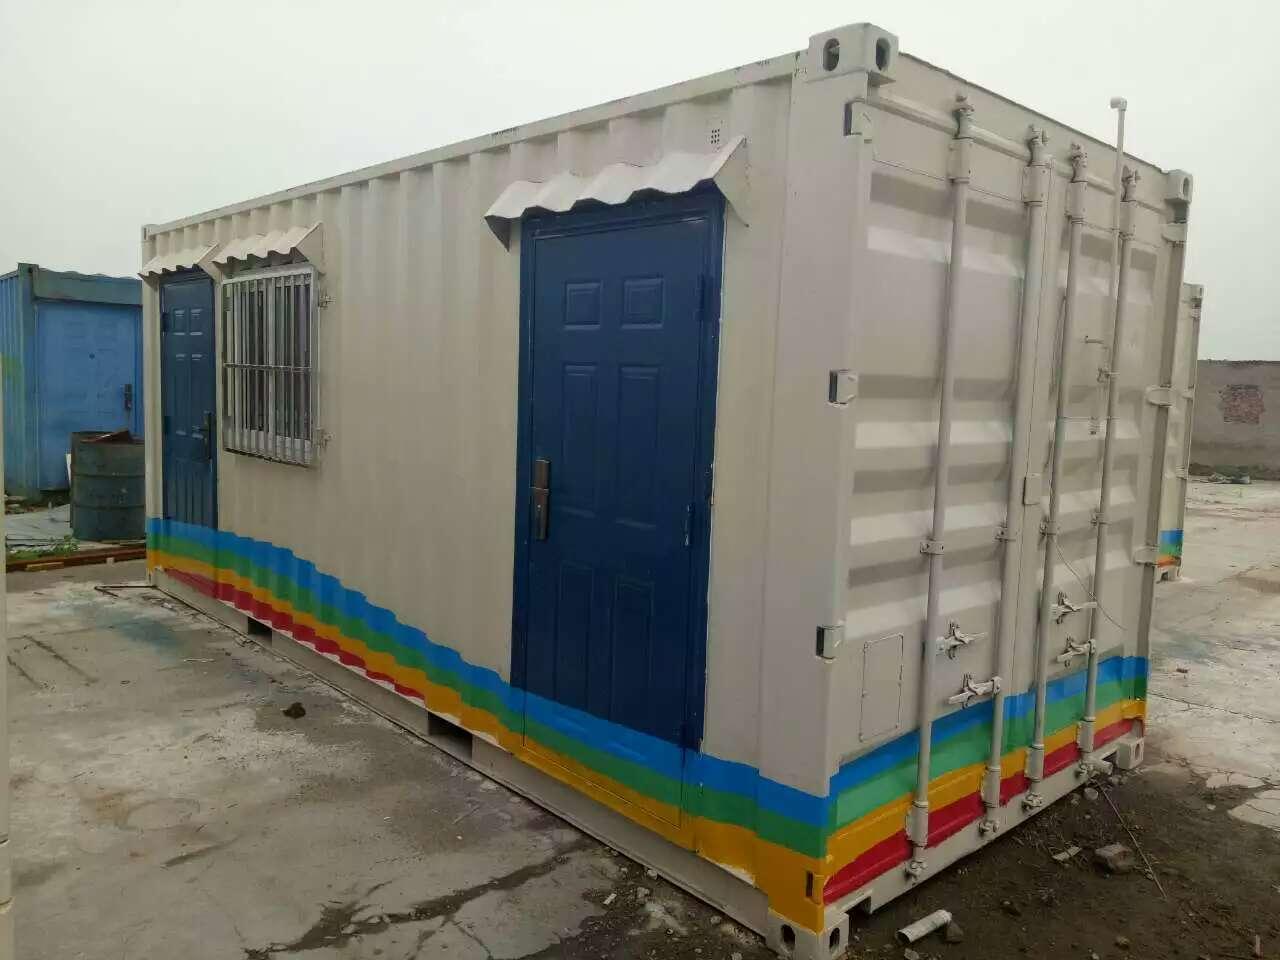 【盘点】石家庄集装箱活动房迎来机遇 集装箱活动房很环保的房屋